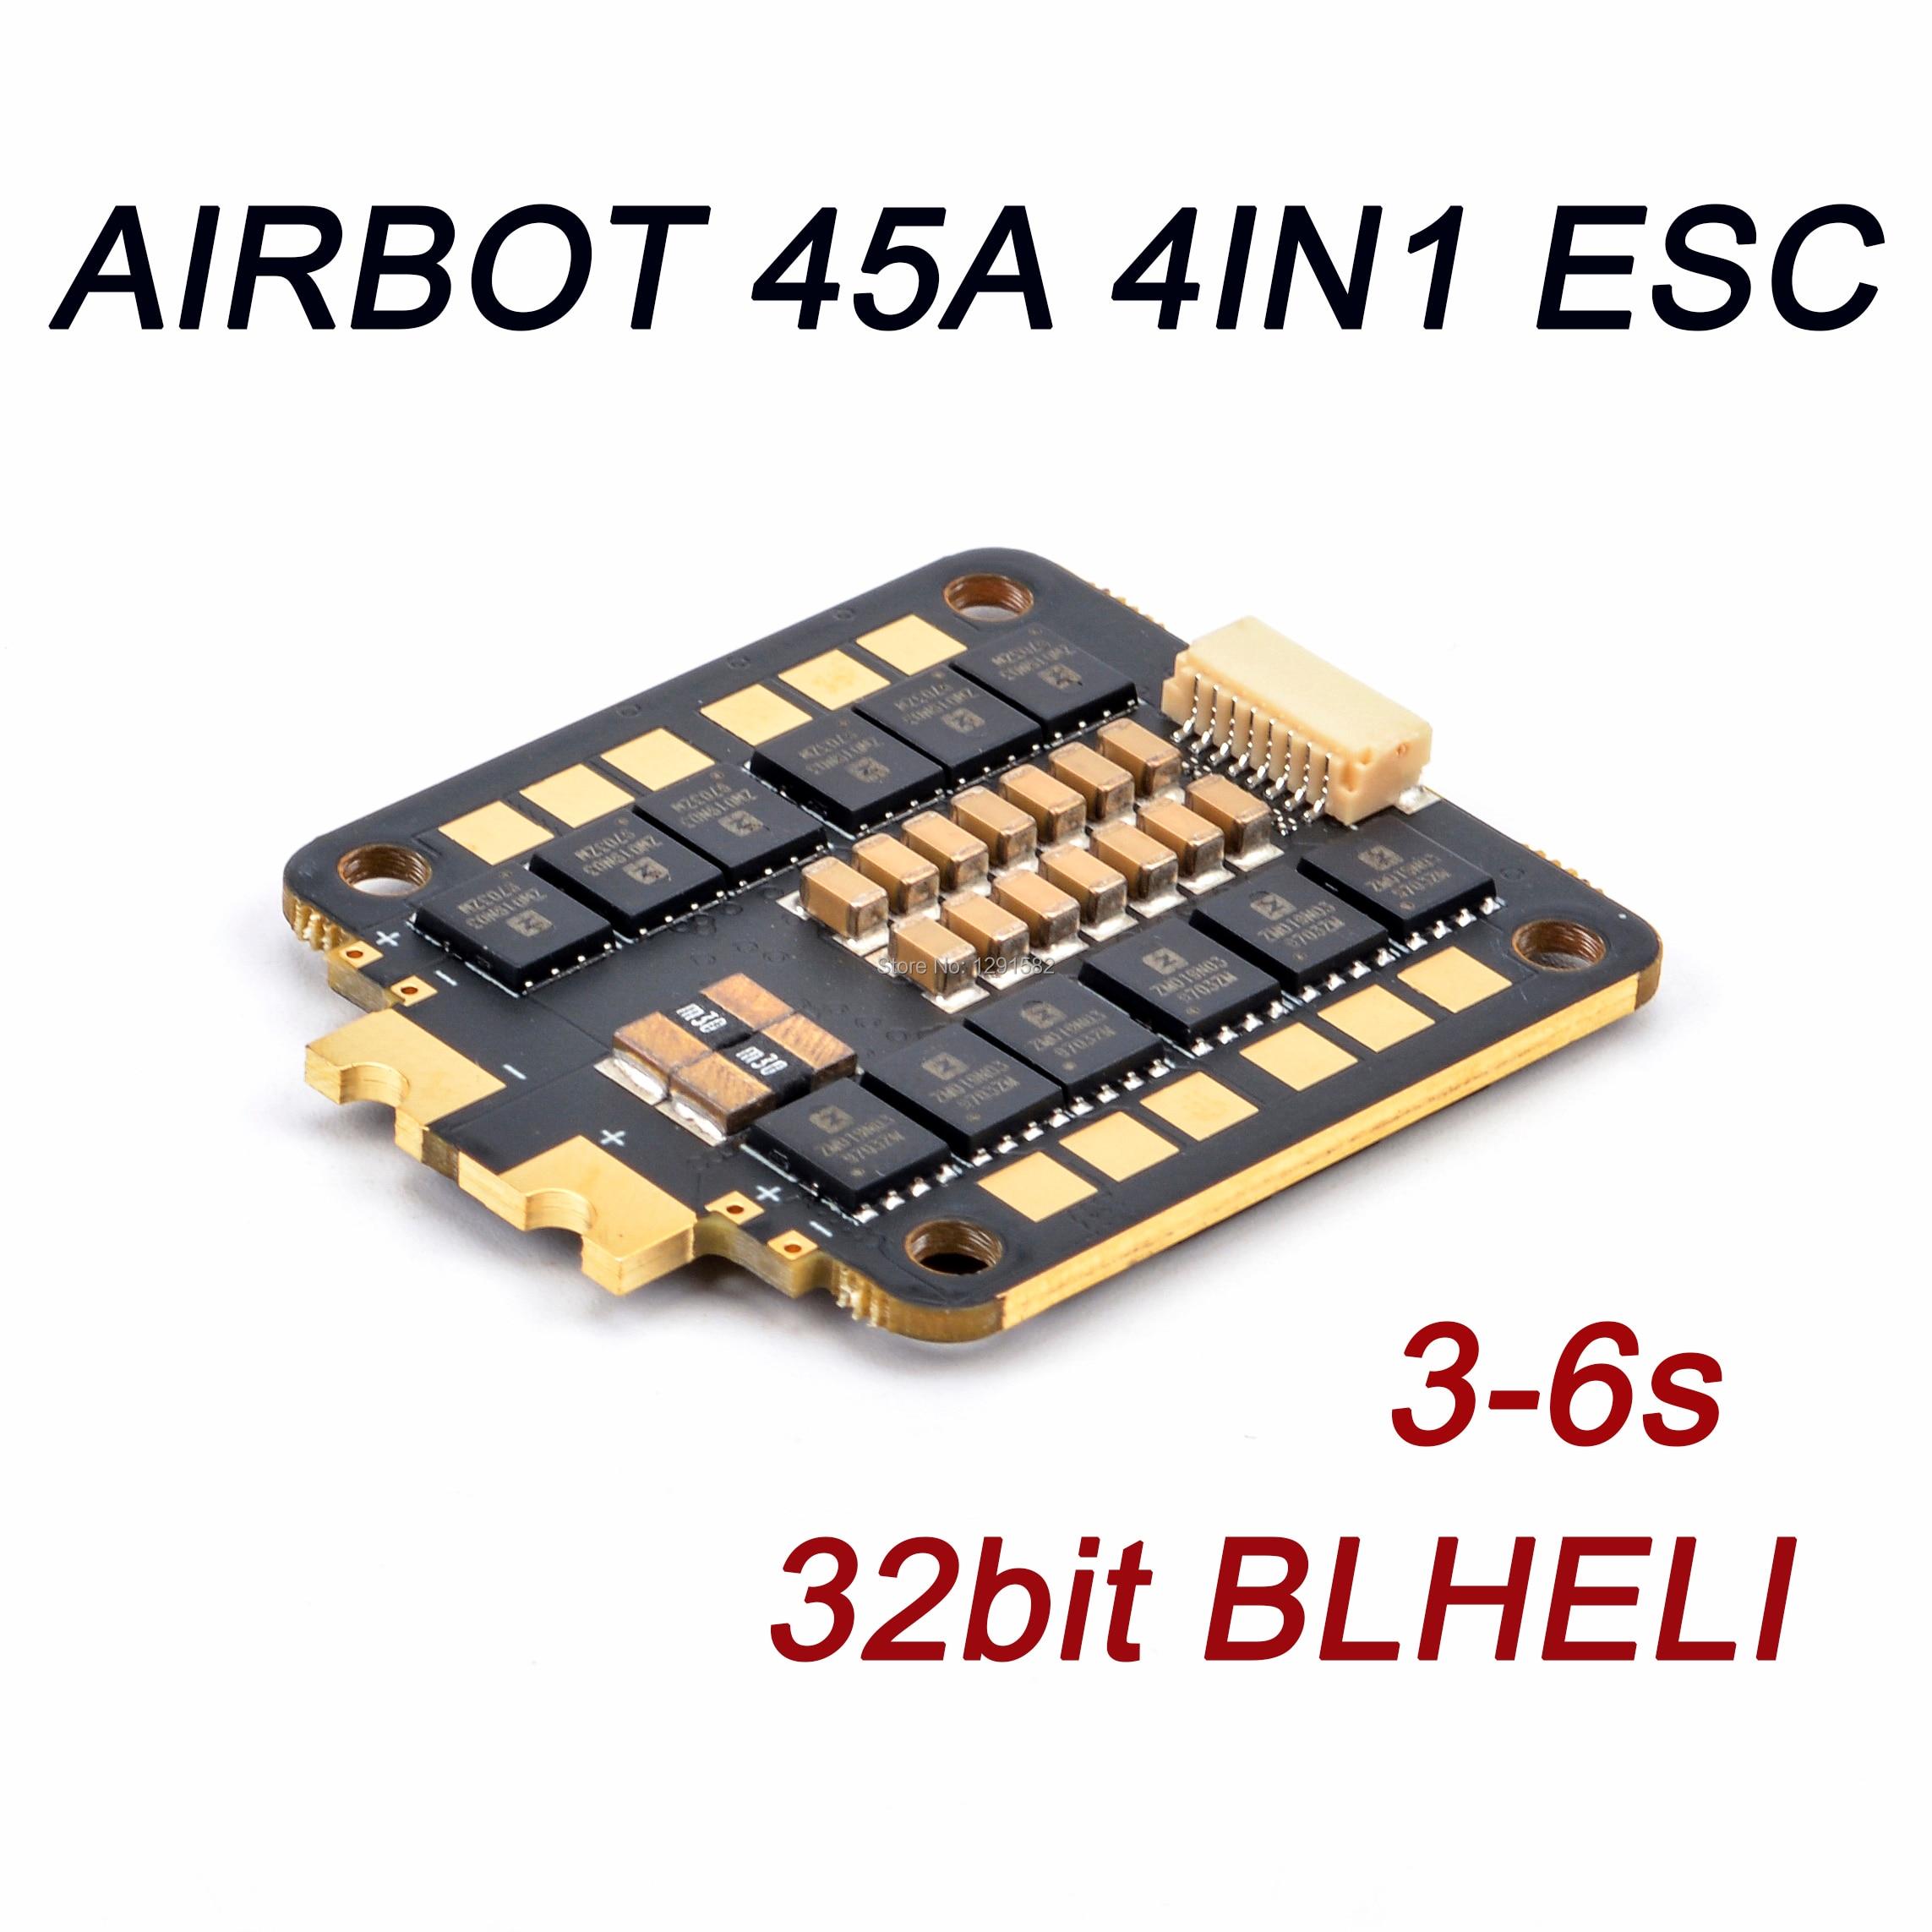 AIRBOT Furling32 45A 4IN1 ESC 3 S 6 S Blheli_32 ESC F3 MCU 108Mhz obsługuje 3 6S dla i fpv zdalnie sterowany dron Quadcopter wyścigi w Części i akcesoria od Zabawki i hobby na  Grupa 1